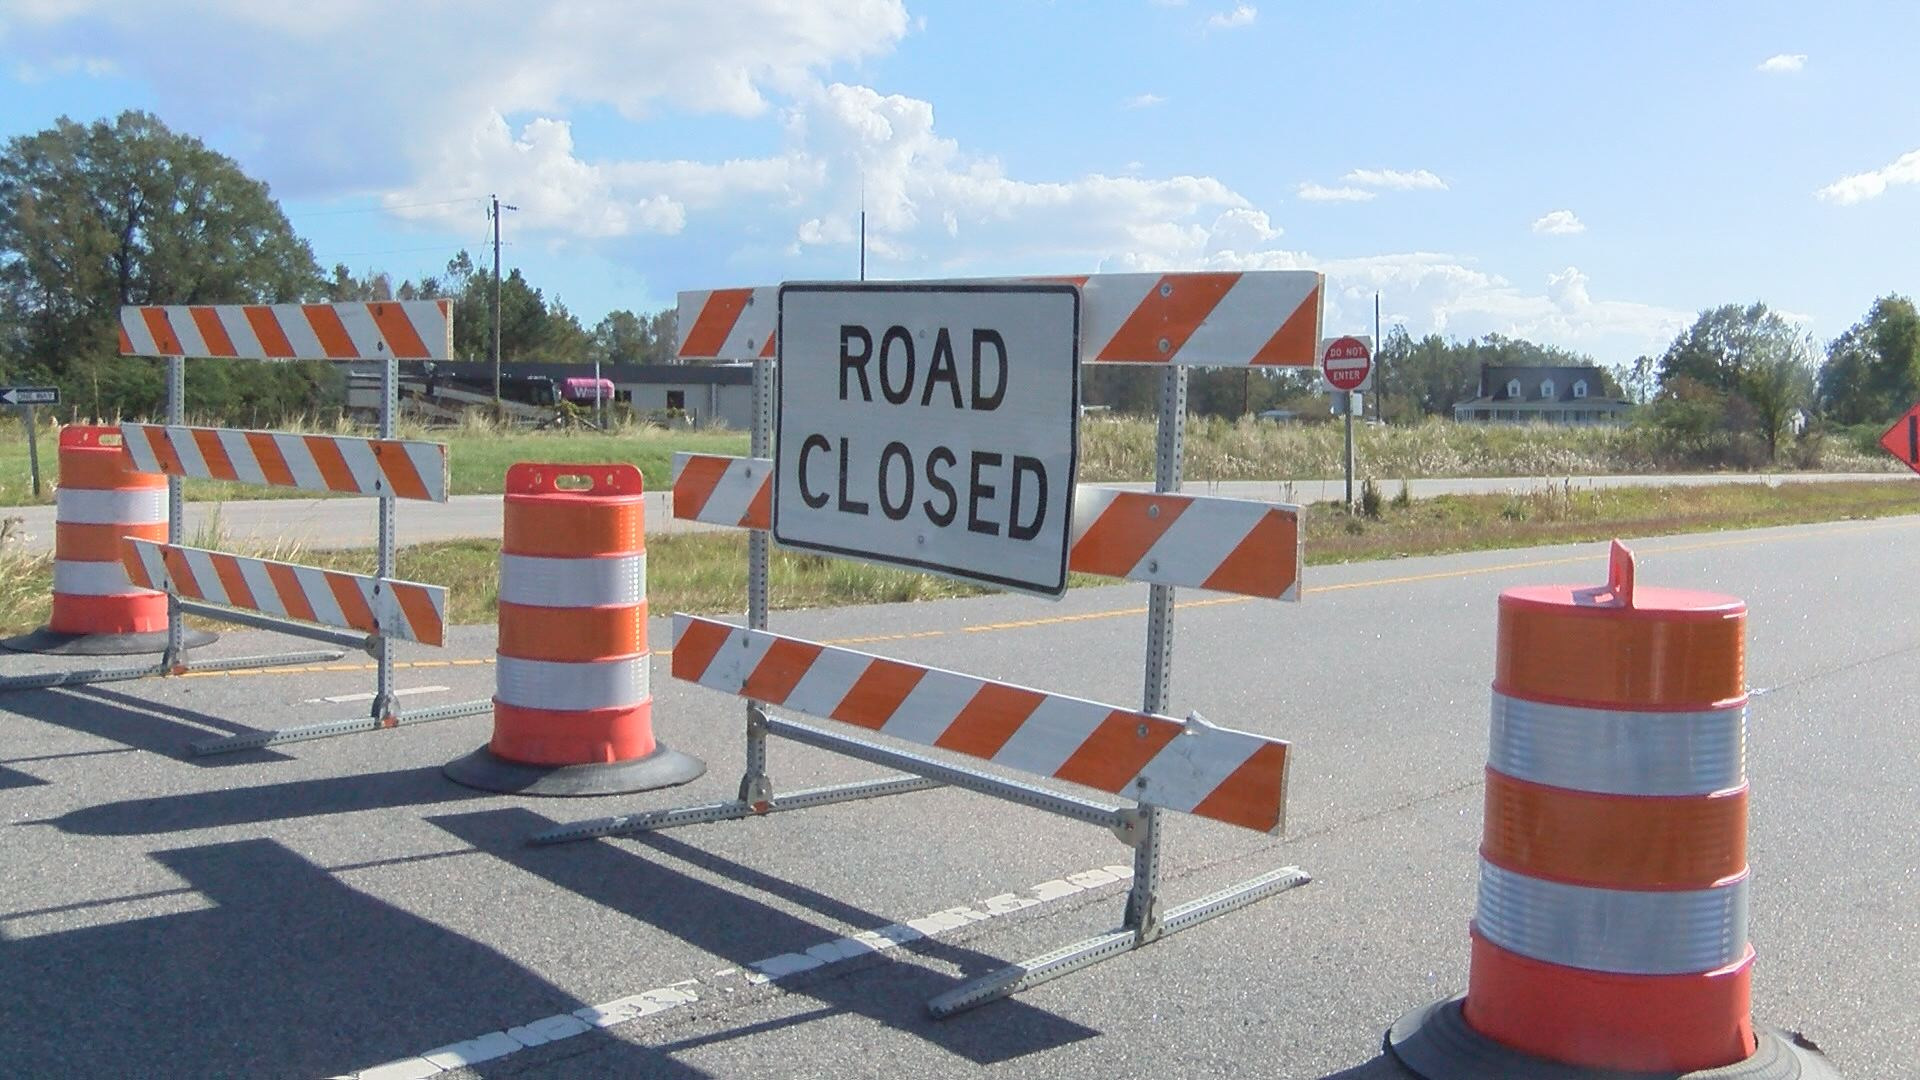 road-closure-zs_287110